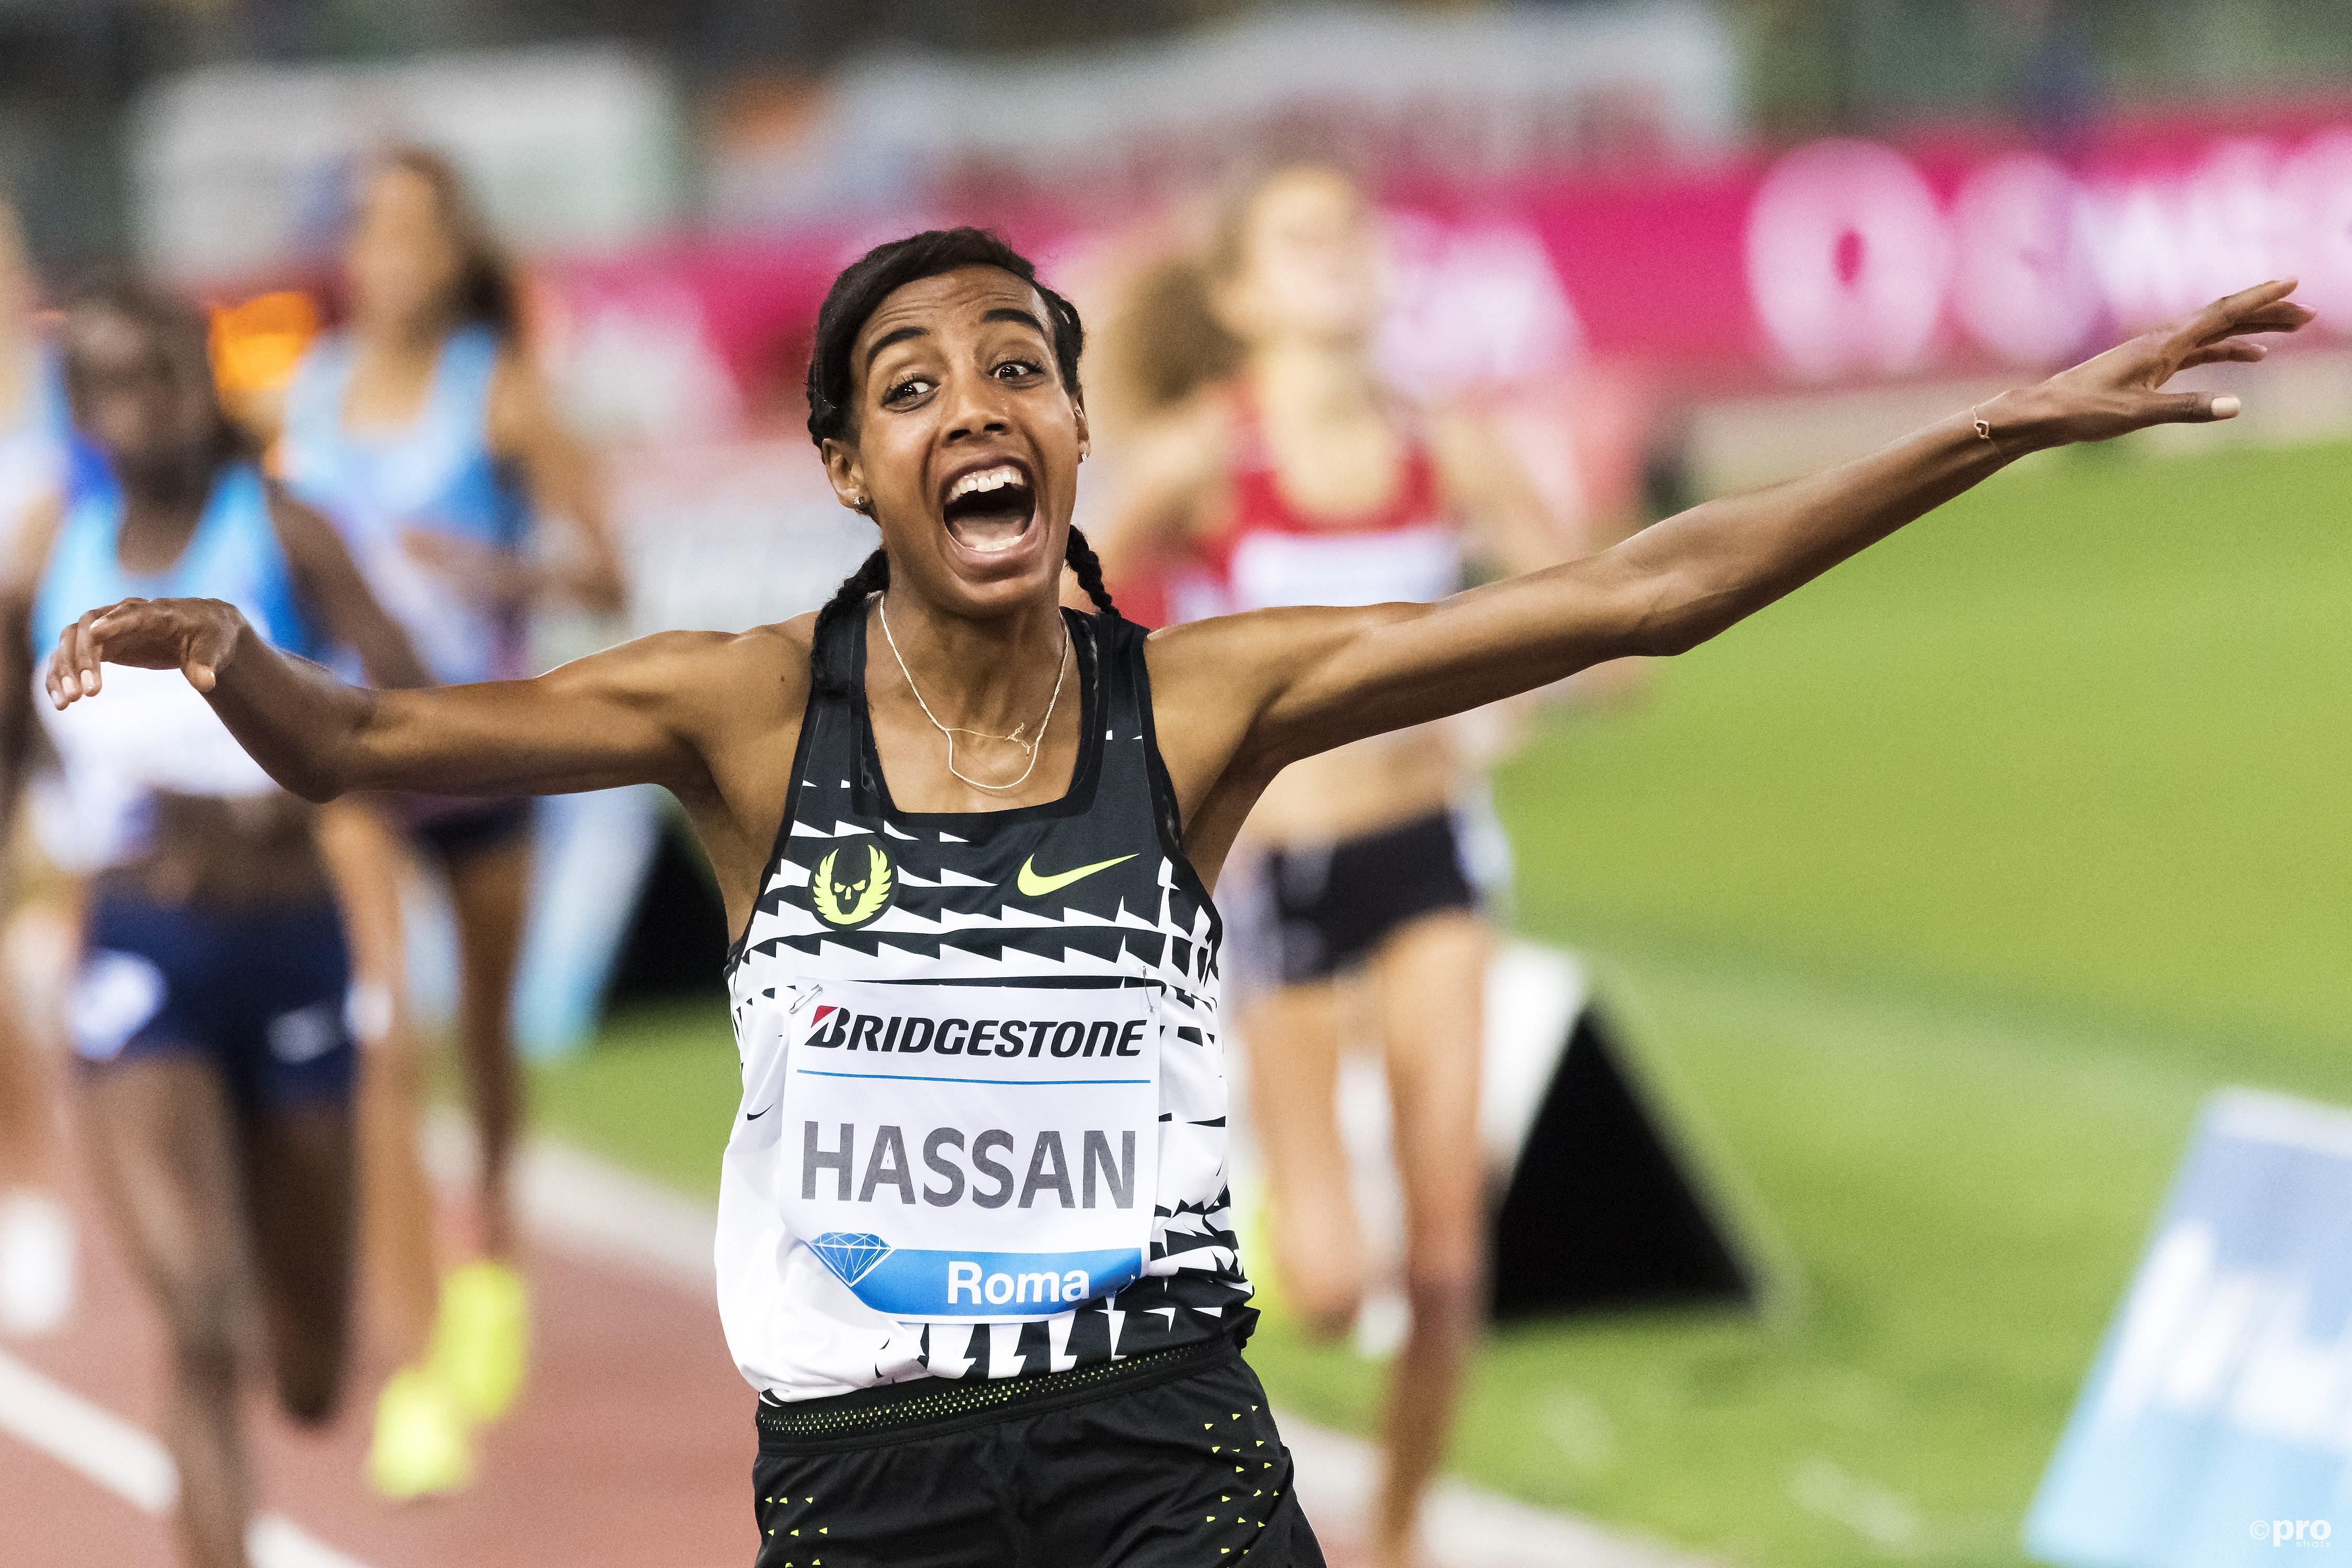 Sifan Hassan begint vandaag aan haar jacht op de wereldtitel op de 1500 meter (Pro Shots/Insidefoto)